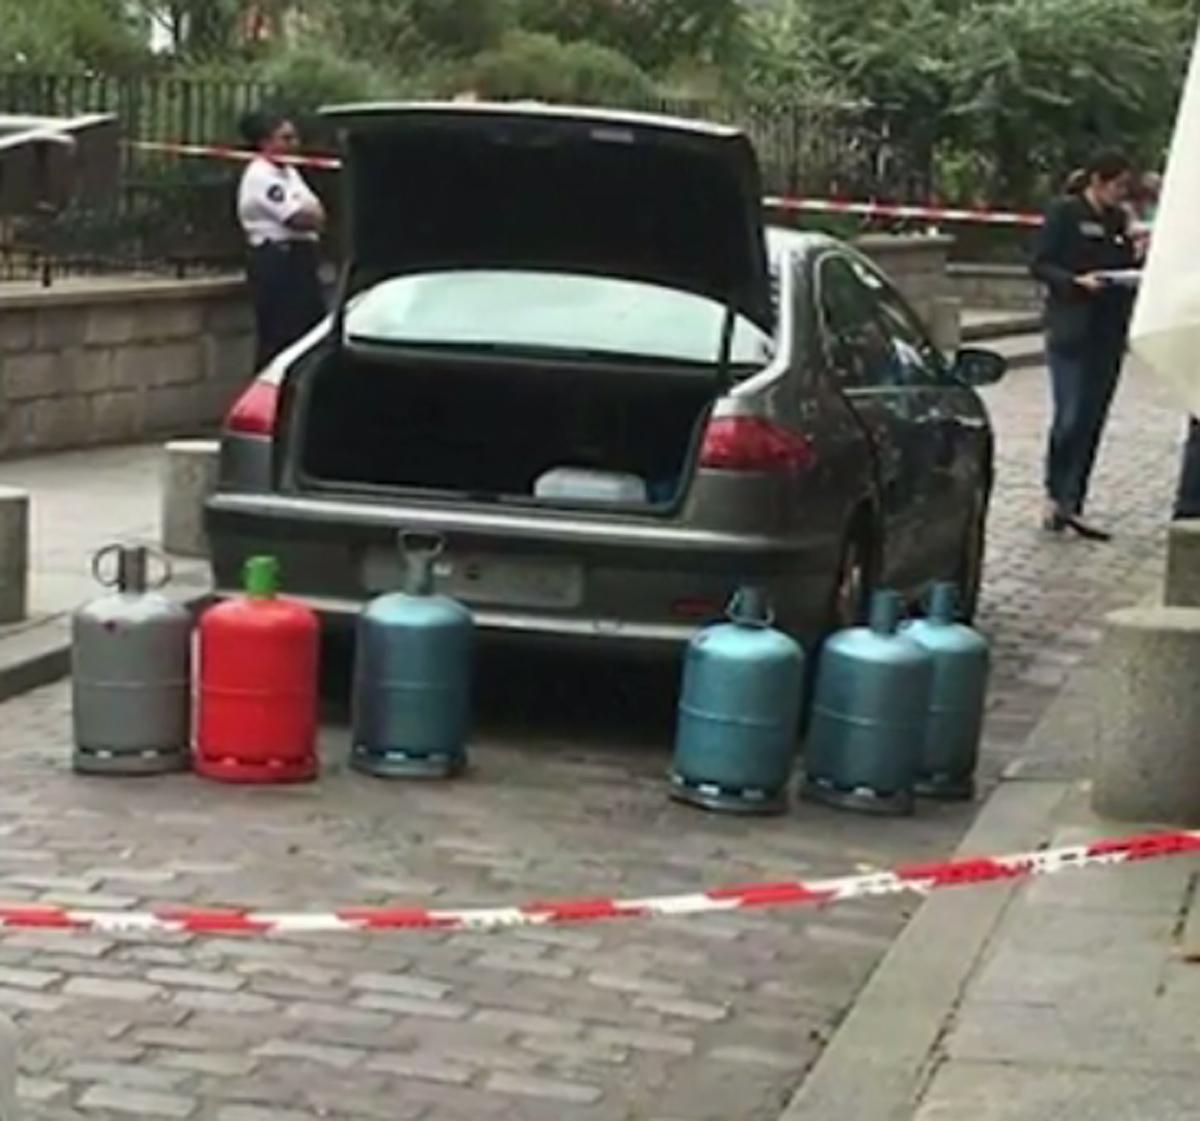 La Peugeot 607 et ses bouteilles de gaz (Capture d'écran/BFMTV)